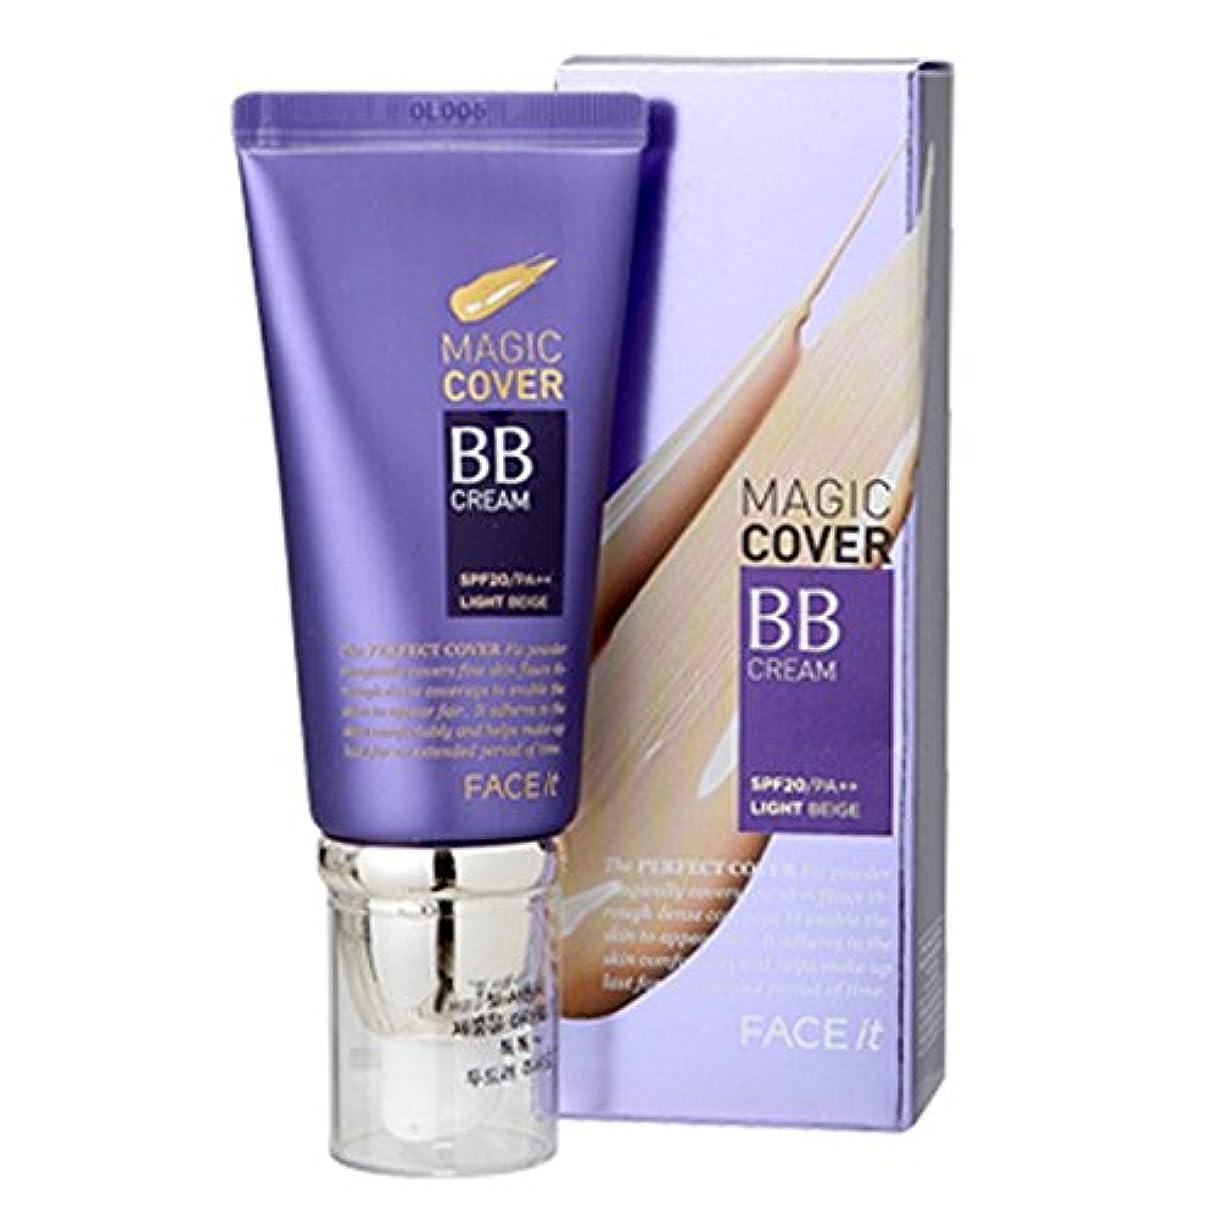 失効グラフしなやかザフェイスショップ The Face Shop Face It Magic Cover BB Cream 45ml (02 Natural Beige)